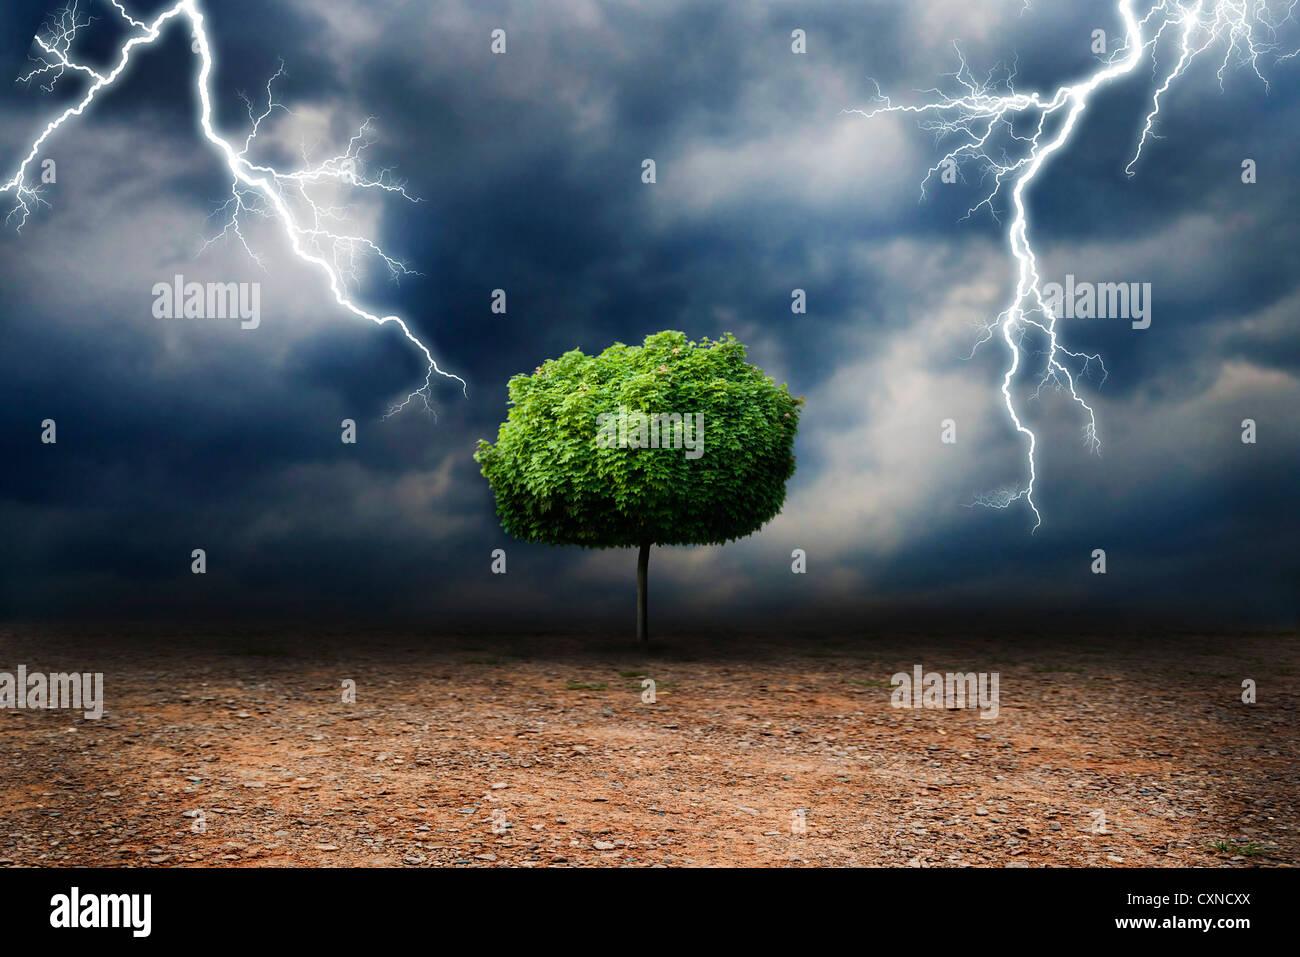 Einsamer Baum auf der Wüste, nach einem Sturm, die globale Erwärmung und den Klimawandel Konzept Stockfoto